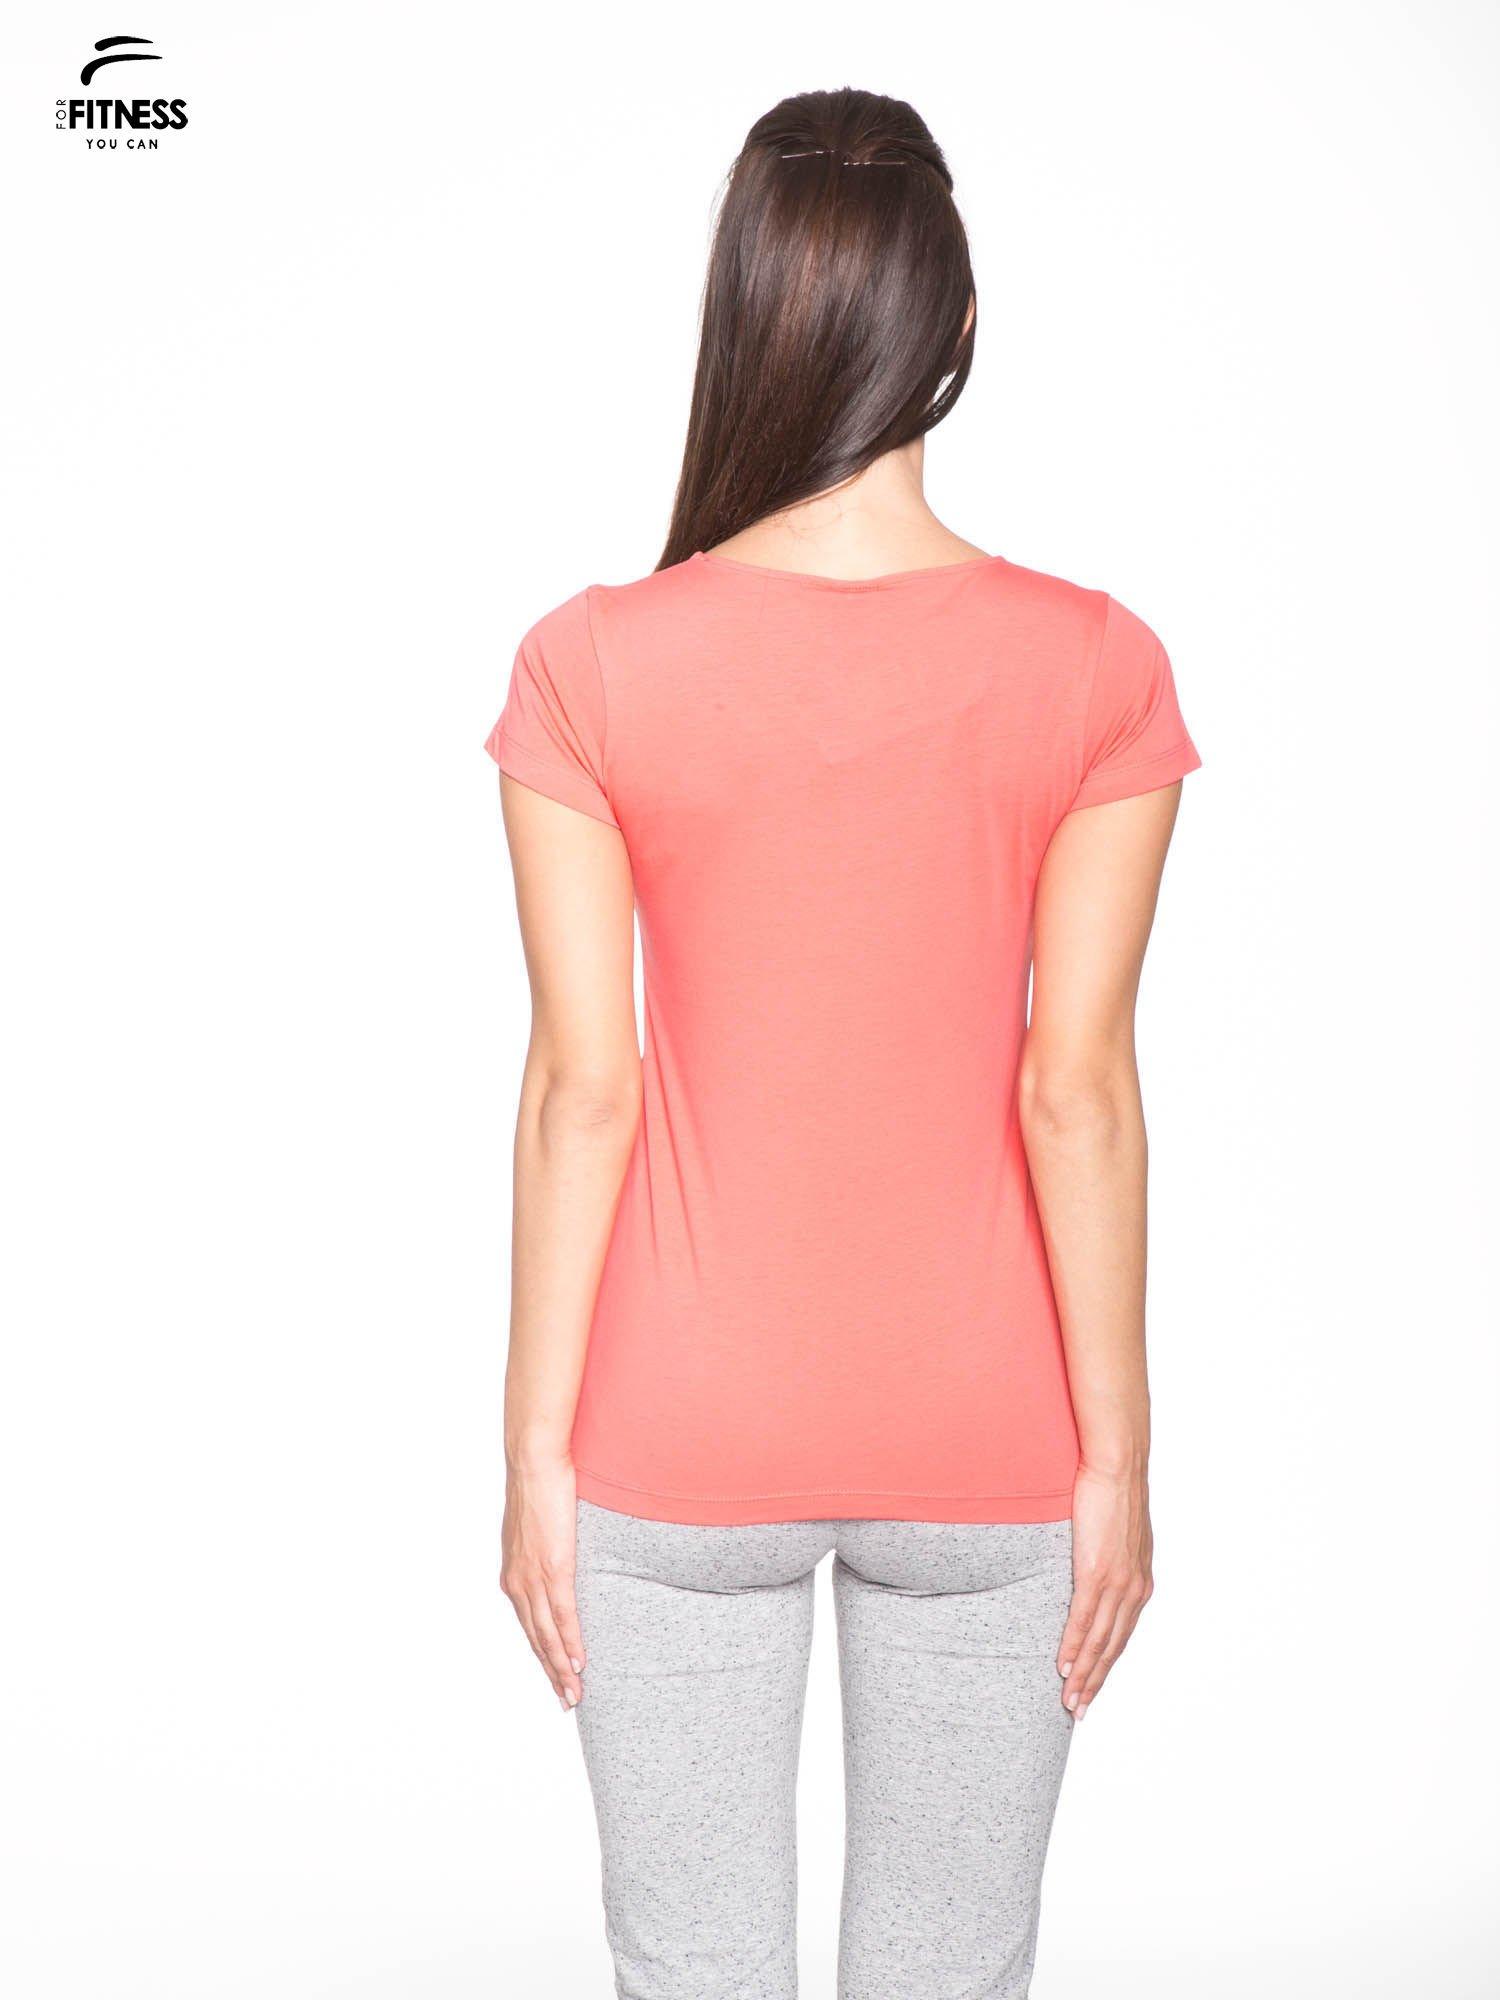 Koralowy bawełniany t-shirt damski typu basic                                  zdj.                                  4